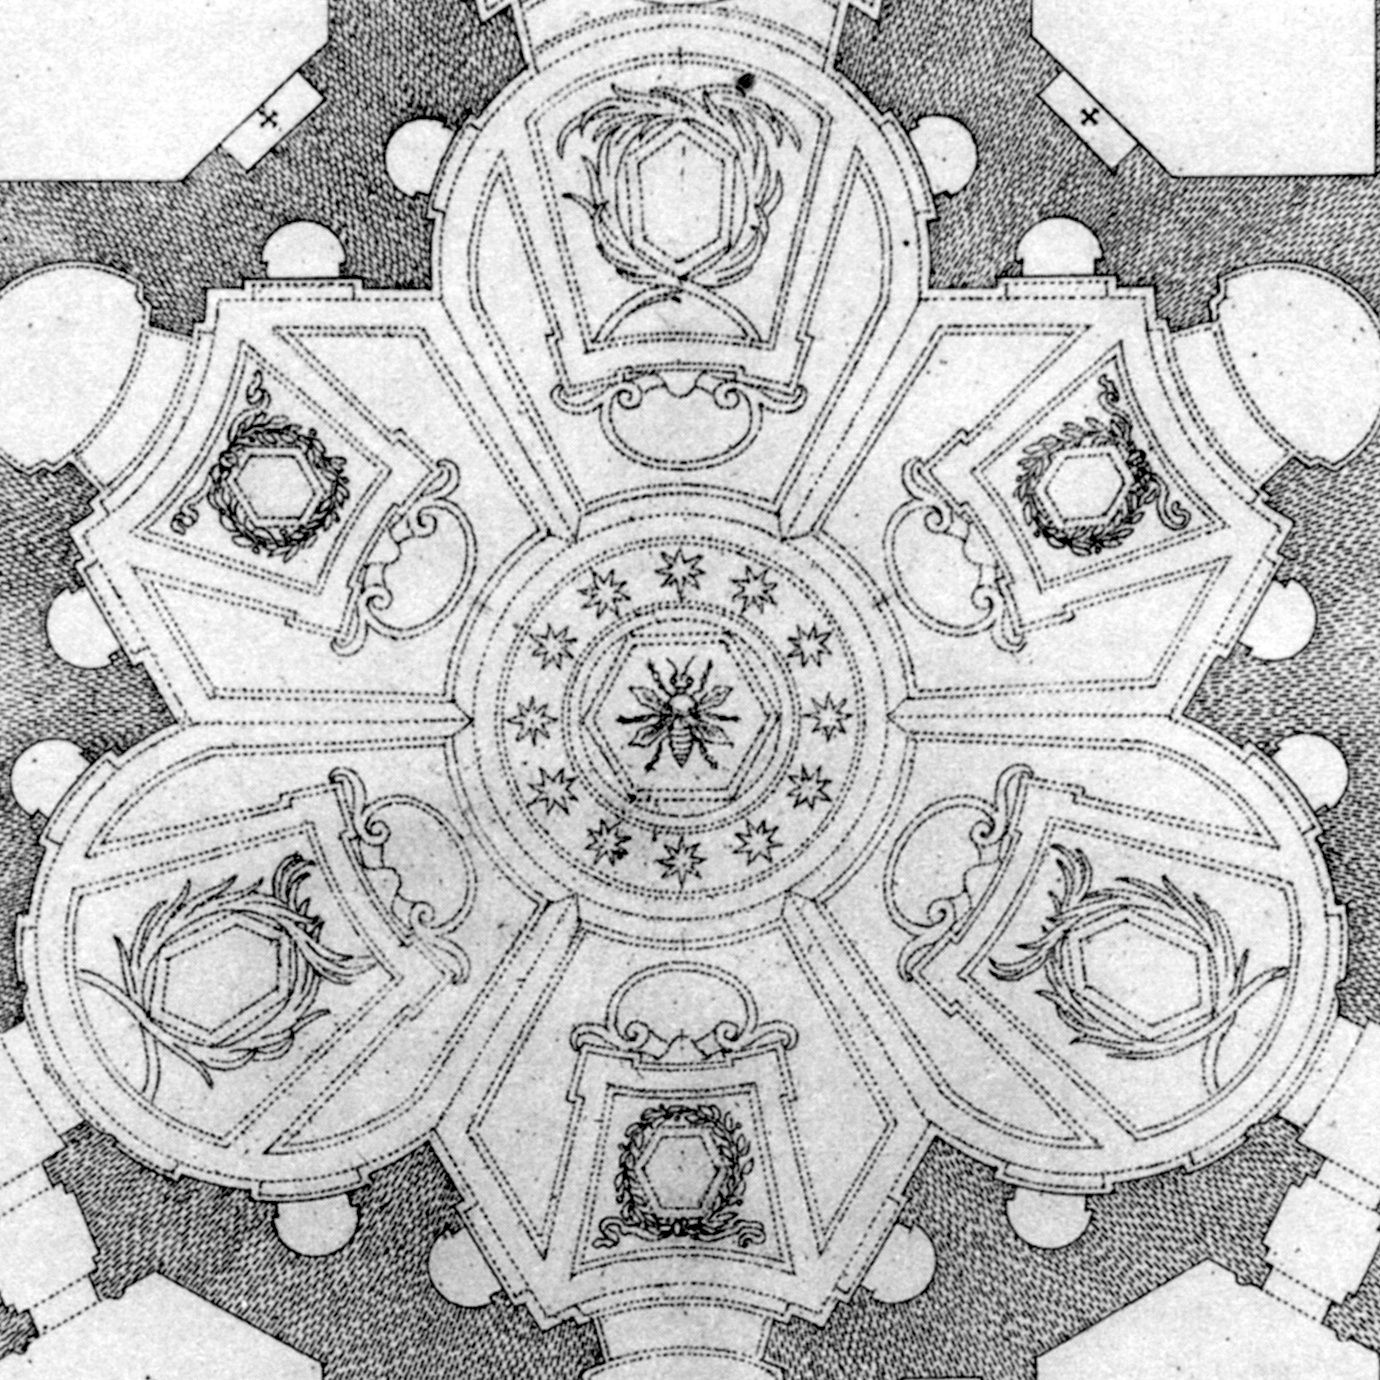 imagini pentru borromini sant ivo alla sapienza barocco sebastiano giannini das borromini plan of sant ivo alla sapienza